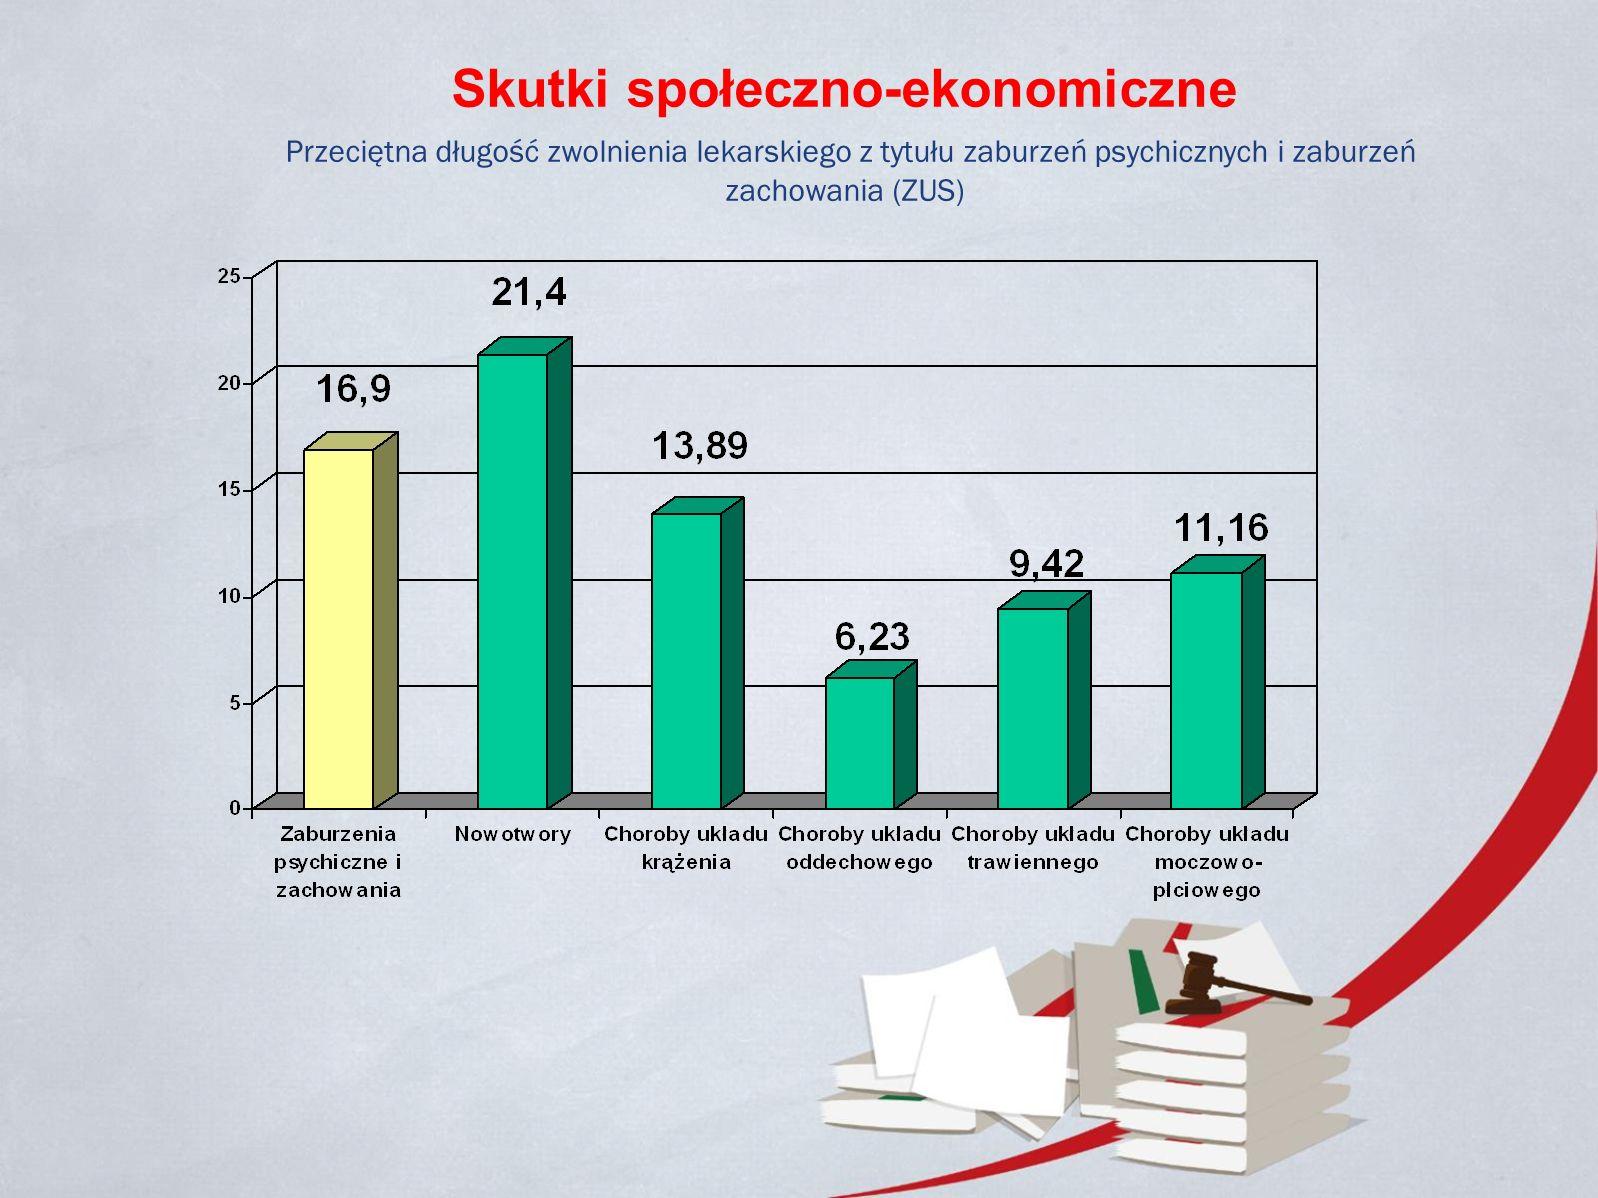 Skutki społeczno-ekonomiczne Przeciętna długość zwolnienia lekarskiego z tytułu zaburzeń psychicznych i zaburzeń zachowania (ZUS)